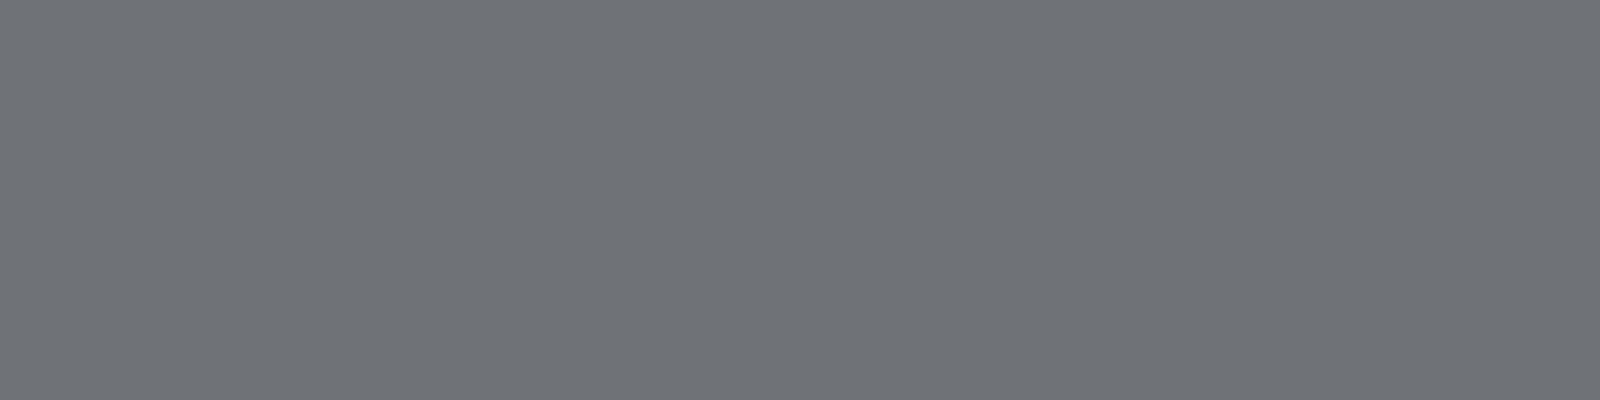 605 Eldridge Gray Gutter Color